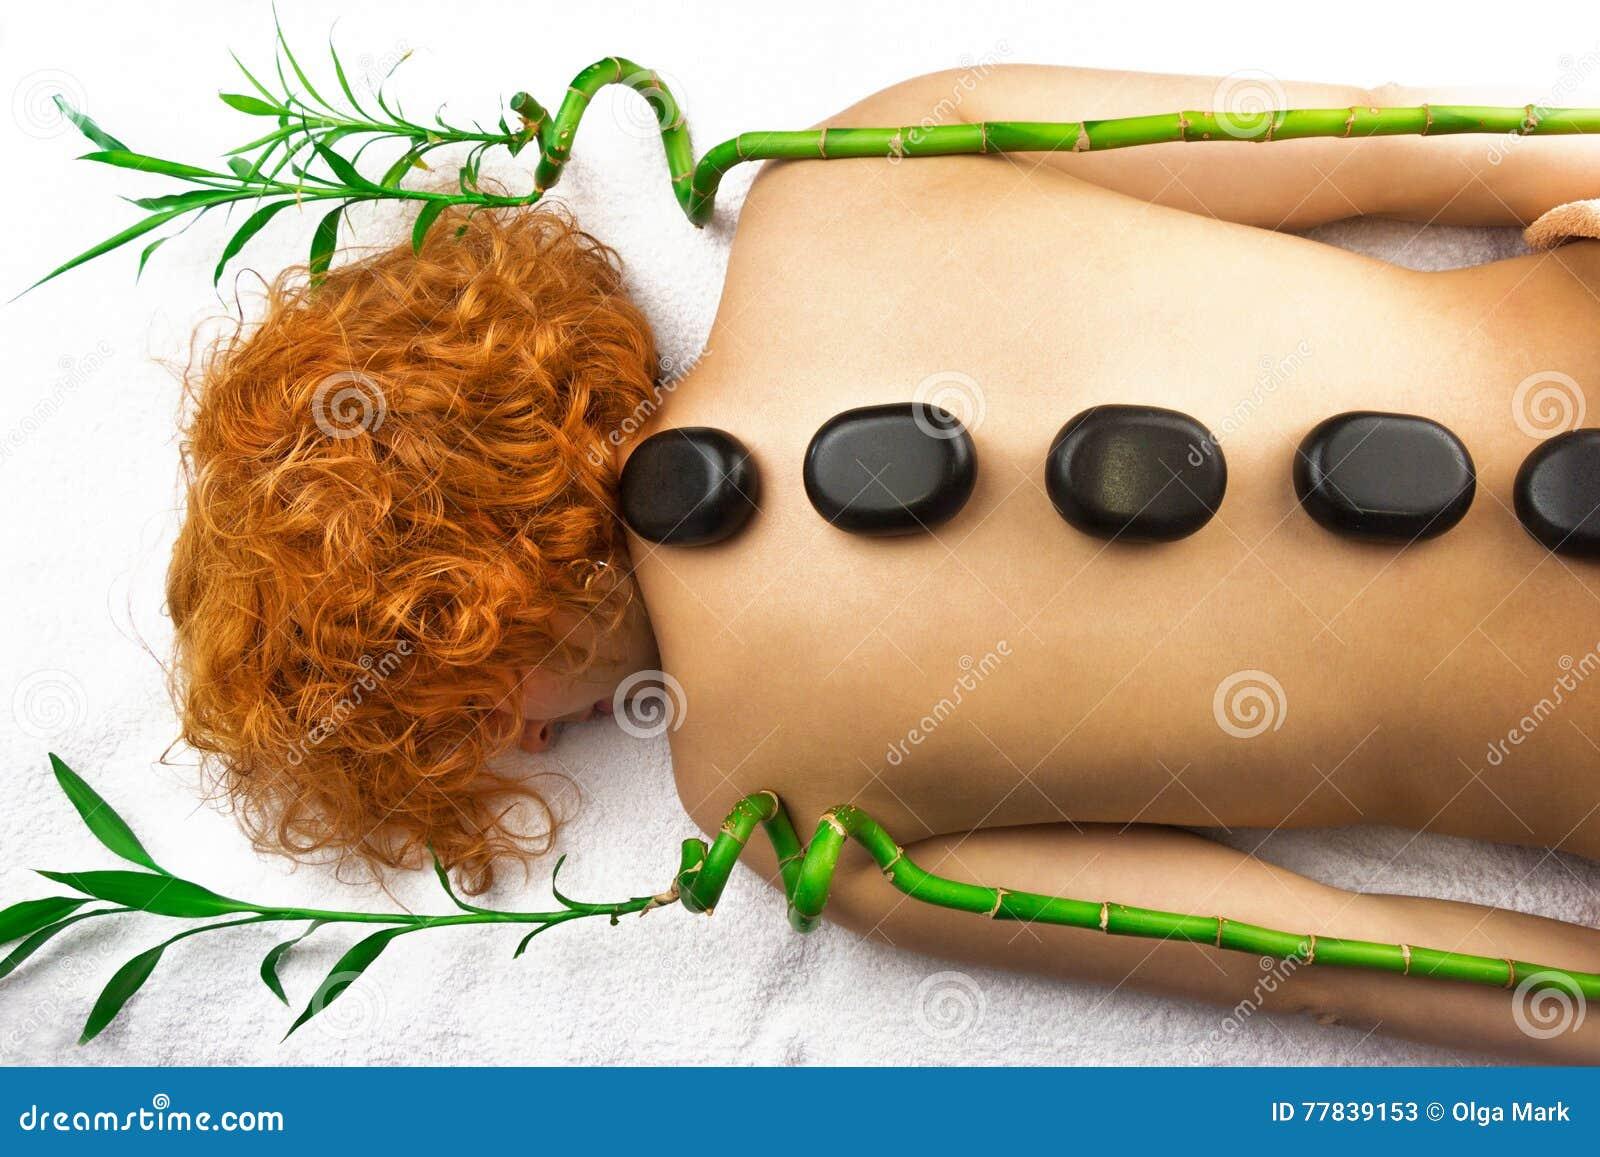 Υφαντικές massage spa σφαίρες συμπιέσεων